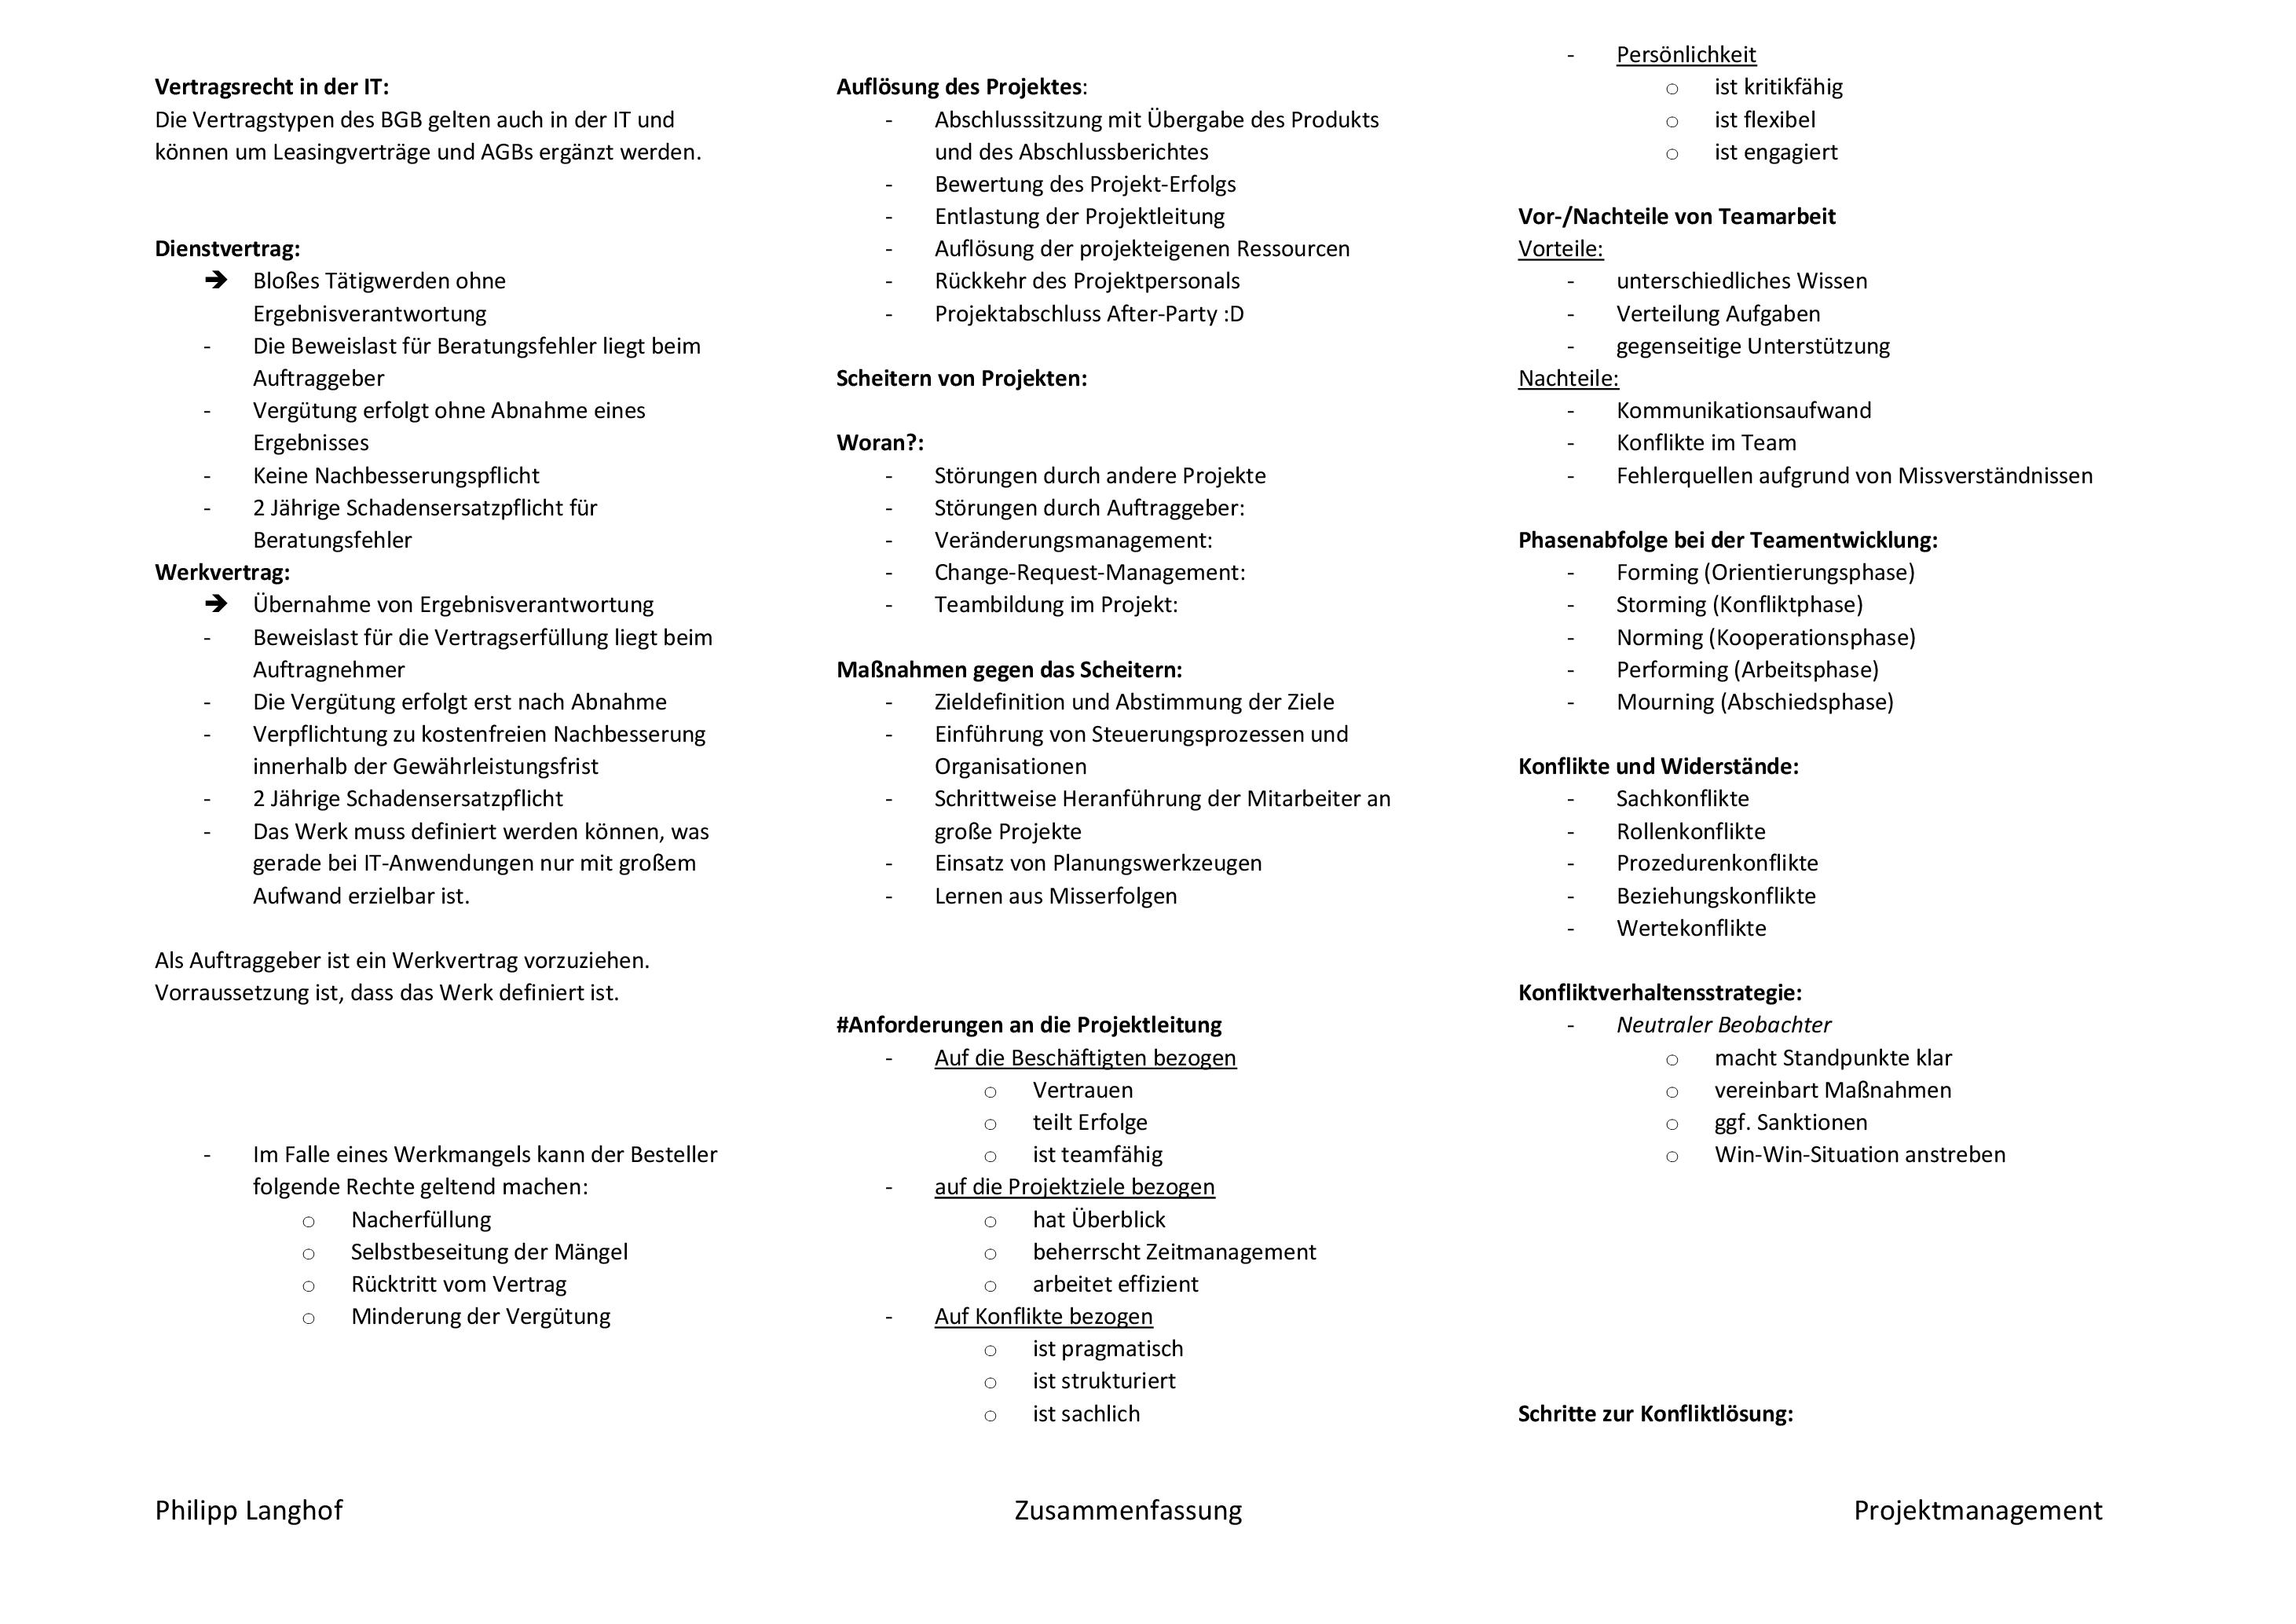 Projektmanagement-Zusammenfassung-Philipp-005 Zusammenfassung Projektmanagement